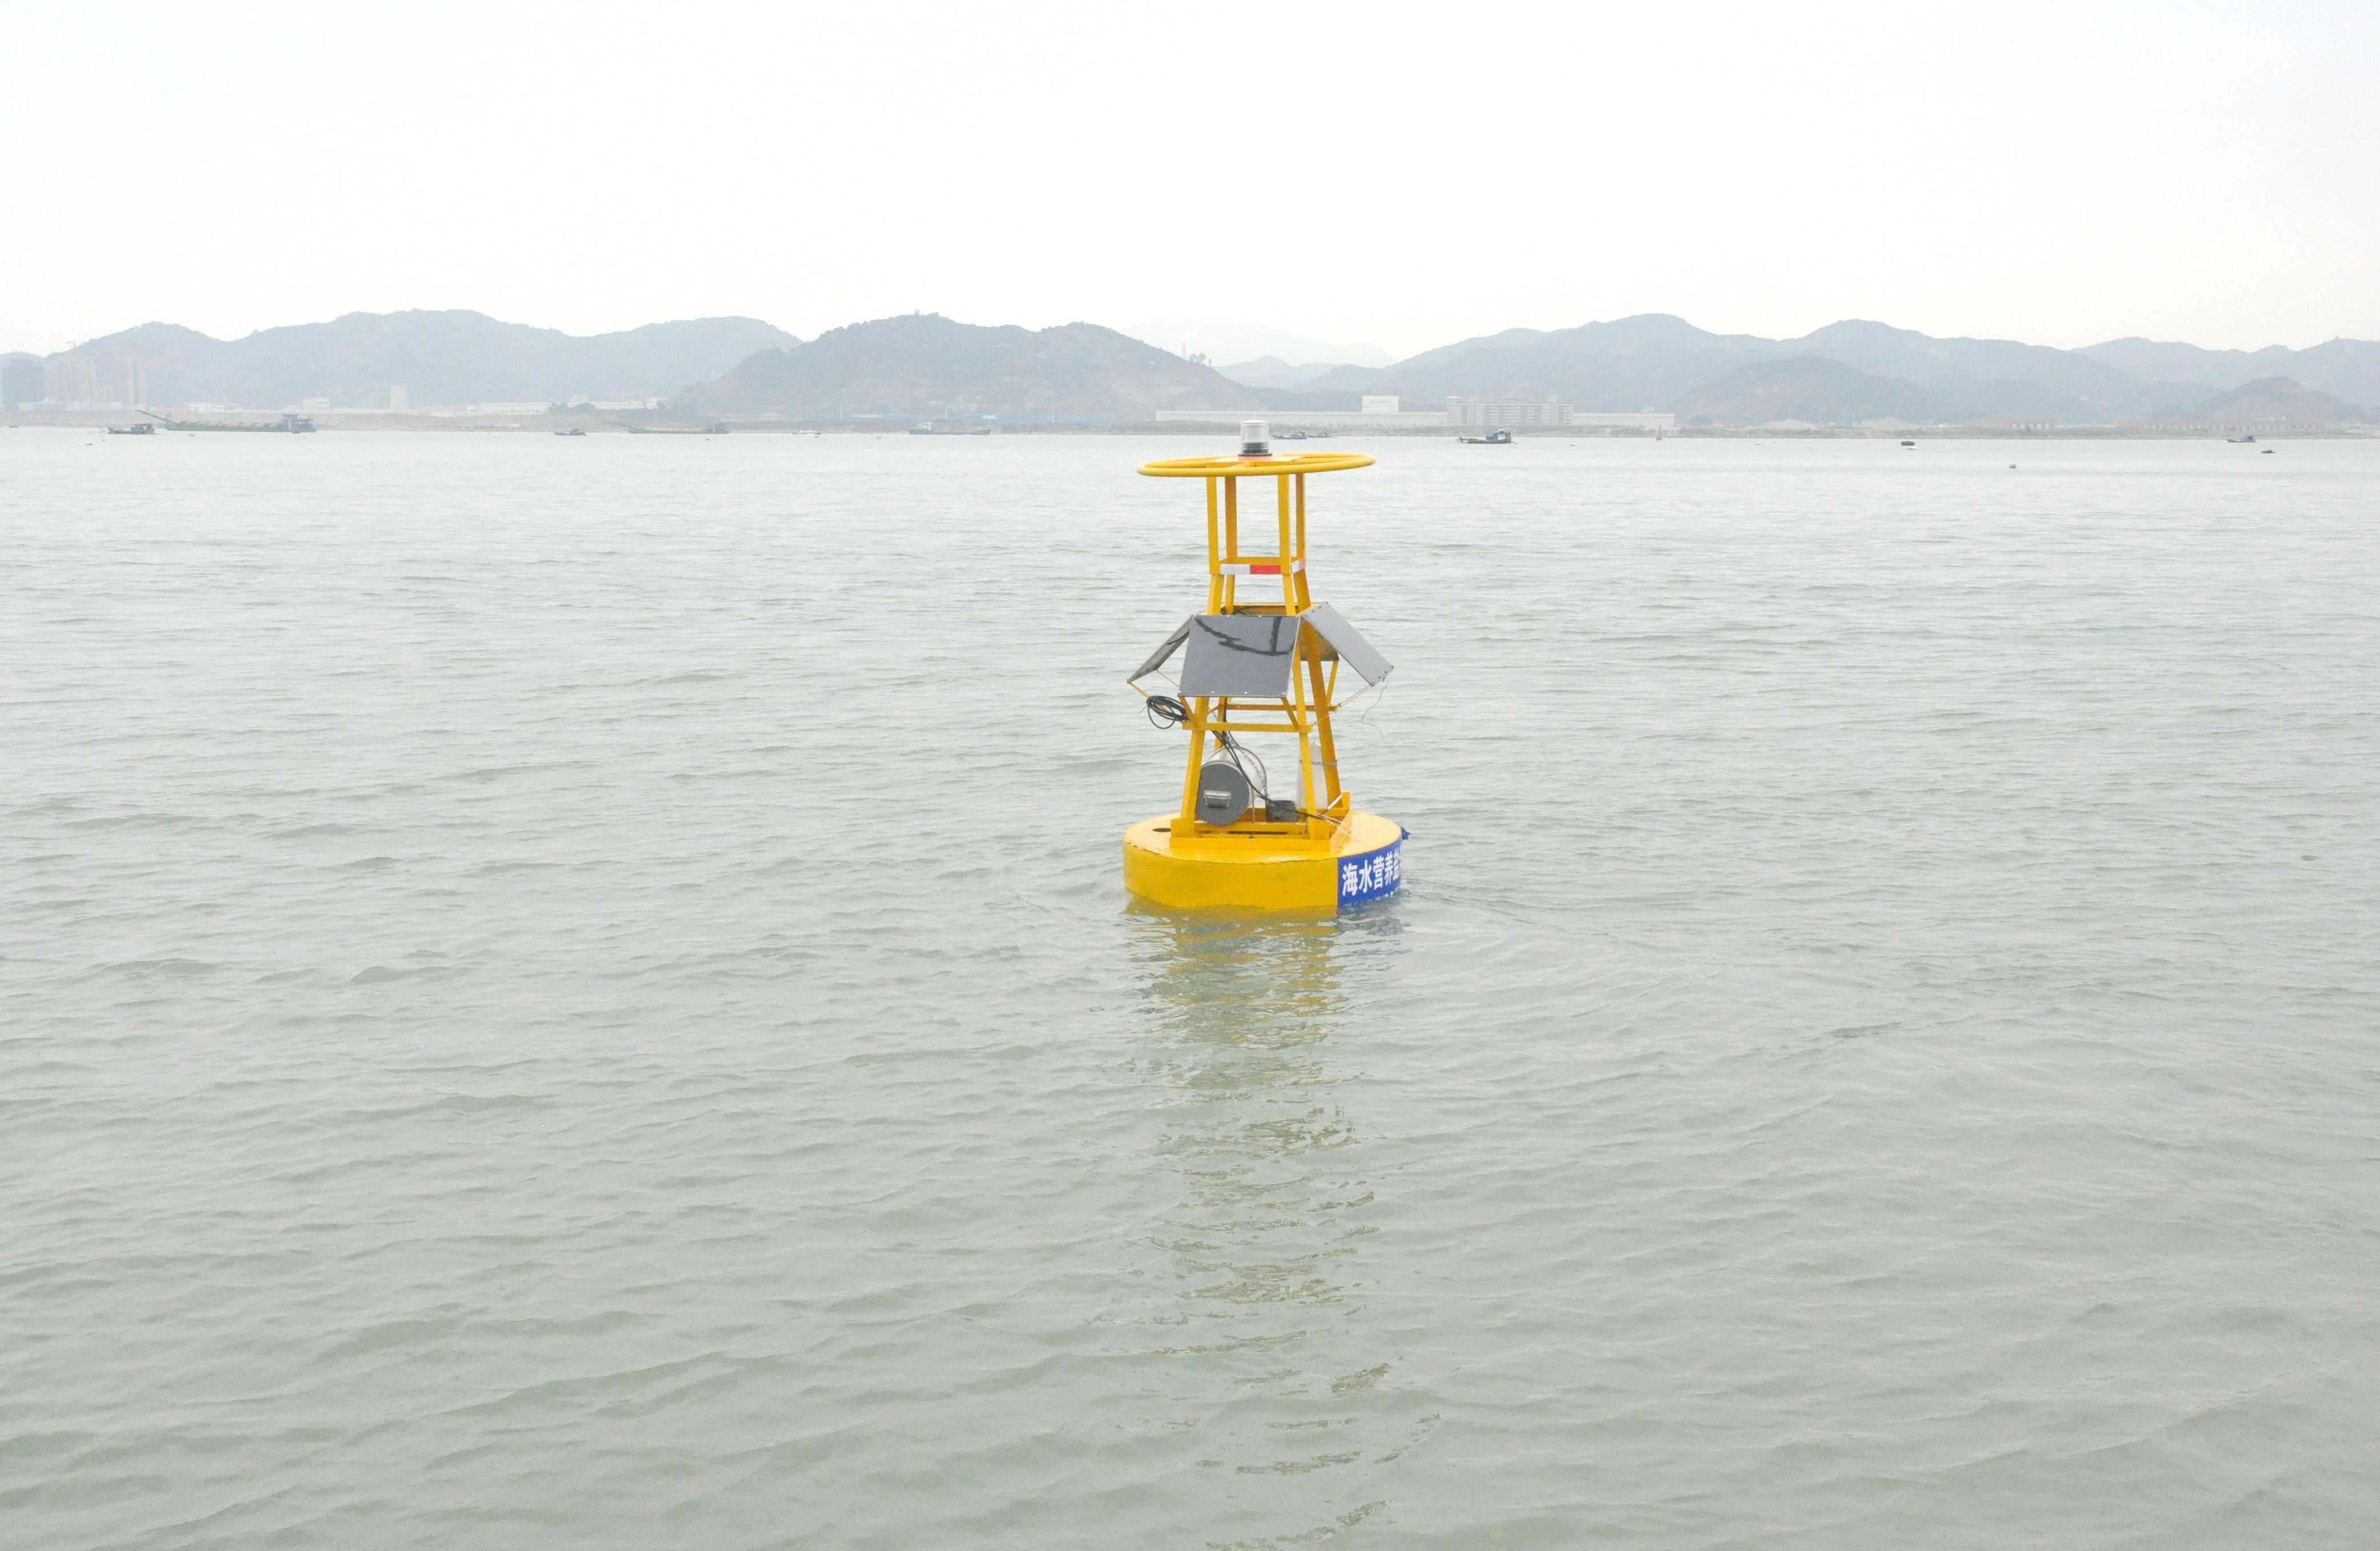 原位在線營養鹽分析儀及浮標監測系統平台正式投入使用